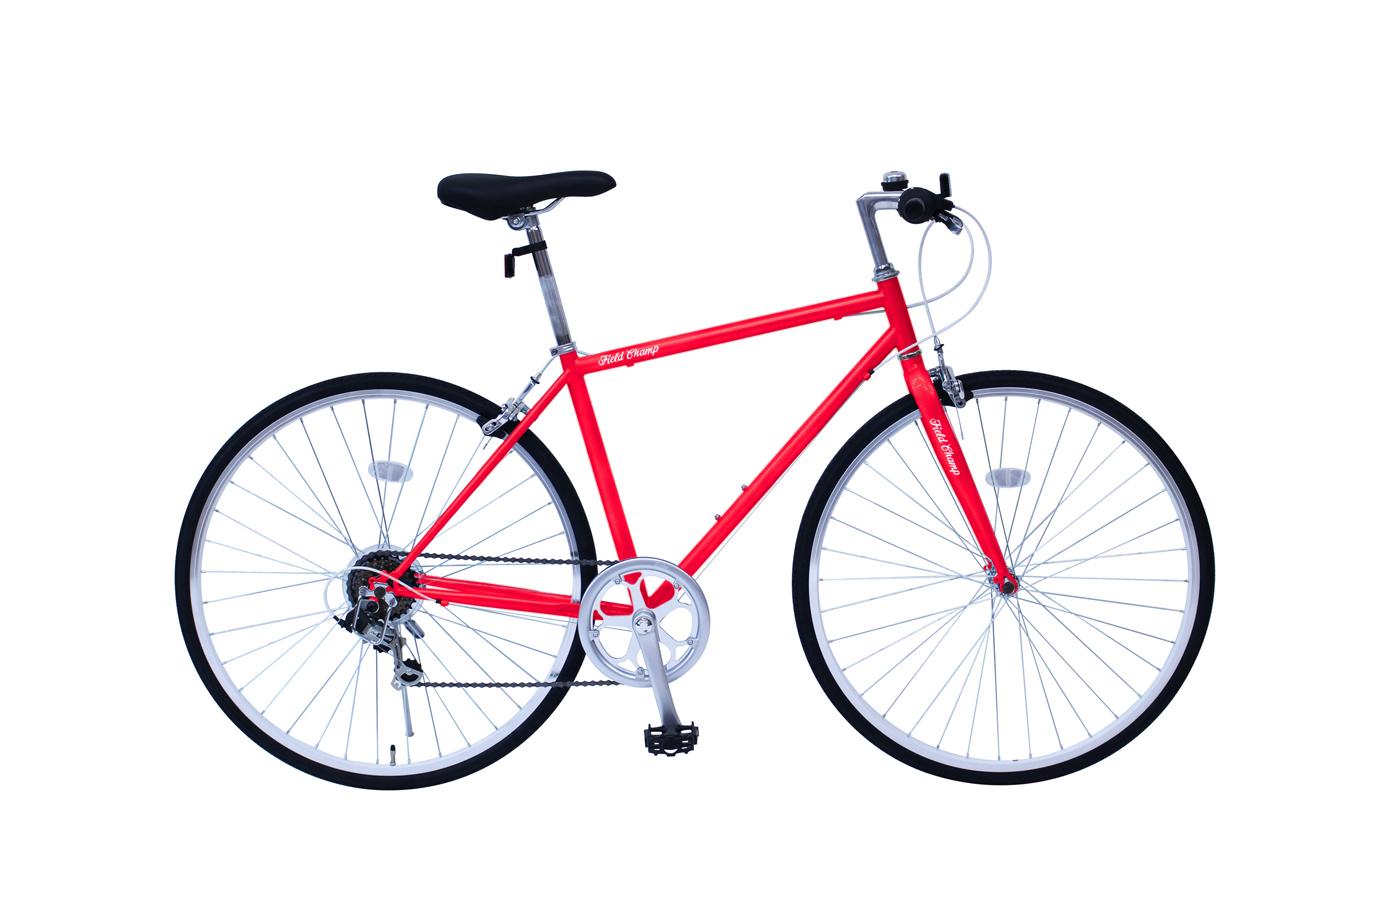 FIELD CHAMP 700Cクロスバイク6段ギア レッド MG-FCP700CF-RD[フィールドチャンプ 自転車][ミムゴ MIMUGO][激安自転車 通販]05P27May16